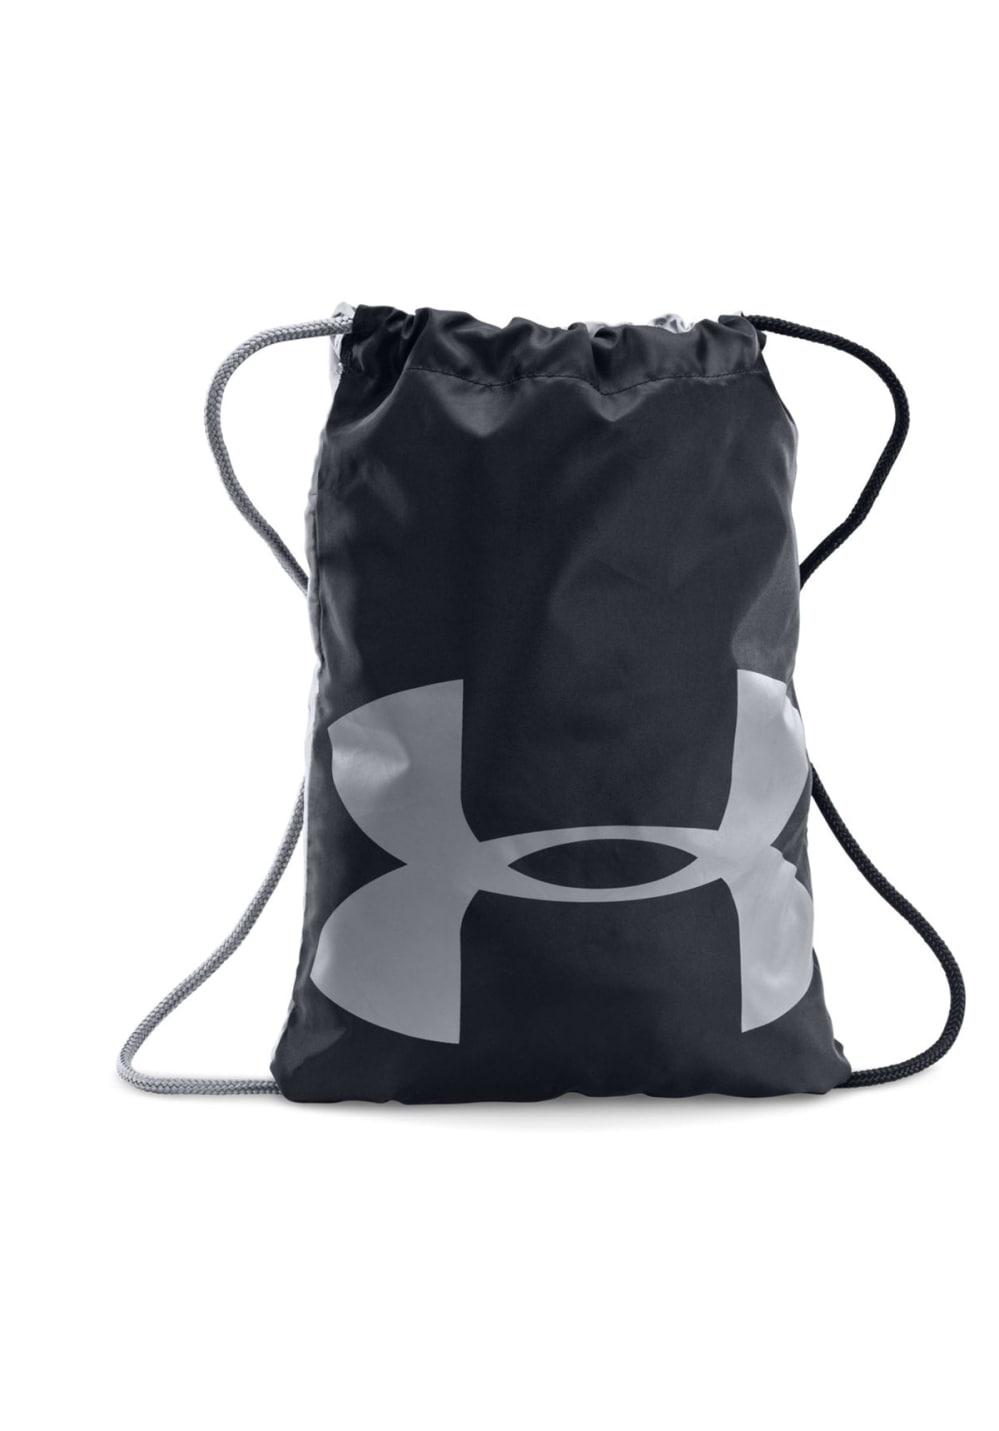 Under Armour Ozsee Sackpack Sporttaschen - Schwarz